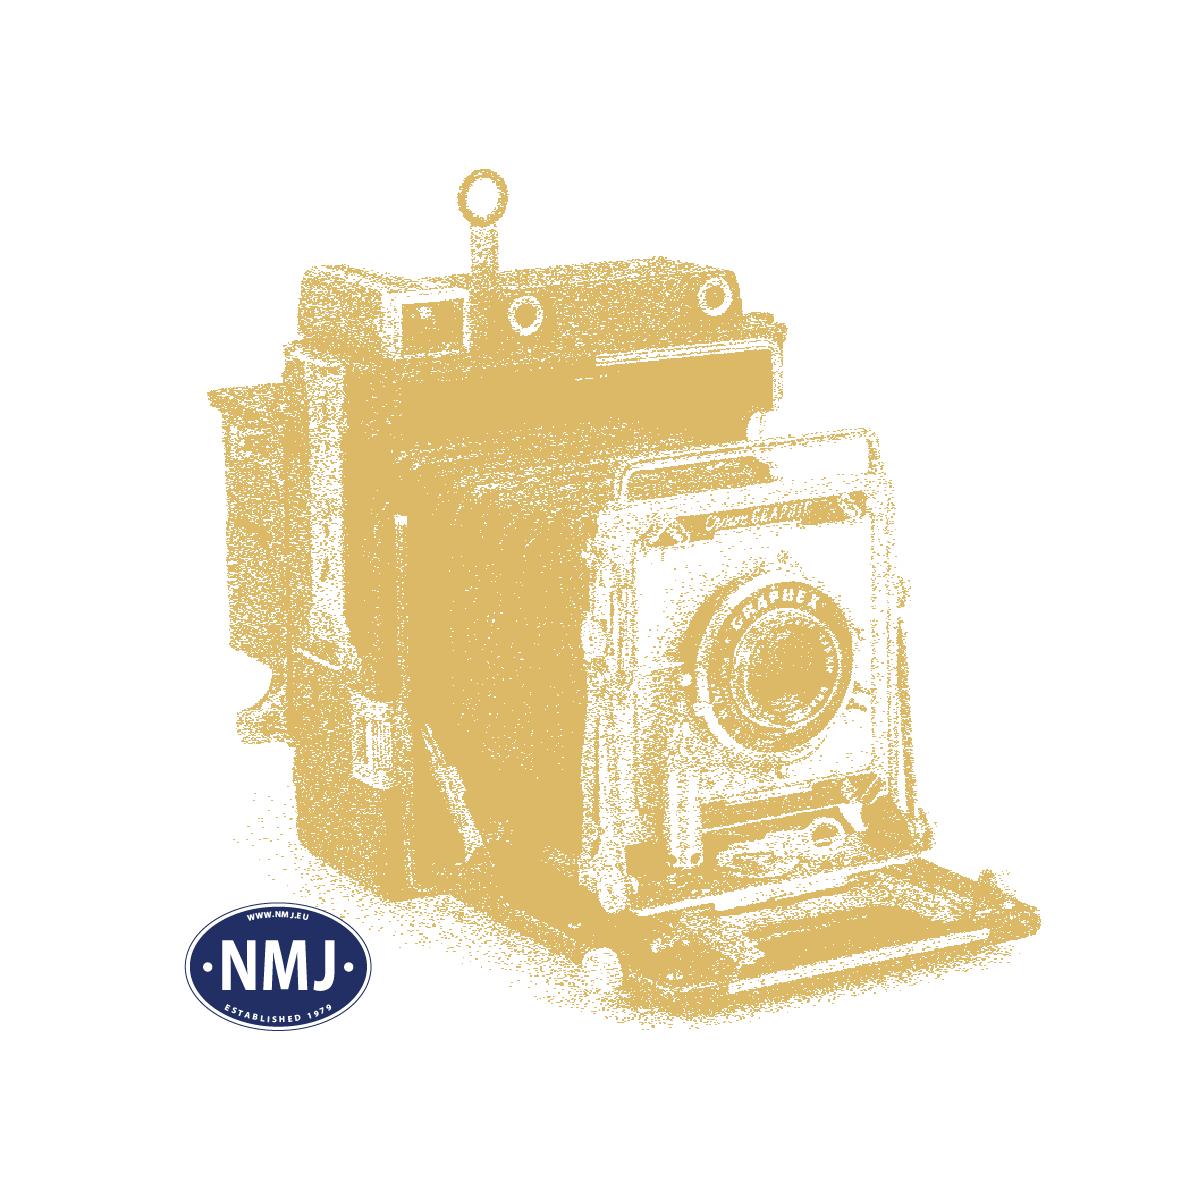 NMJT607.101 - NMJ Topline SJ Gbls 156 3 104-3 Tysk type